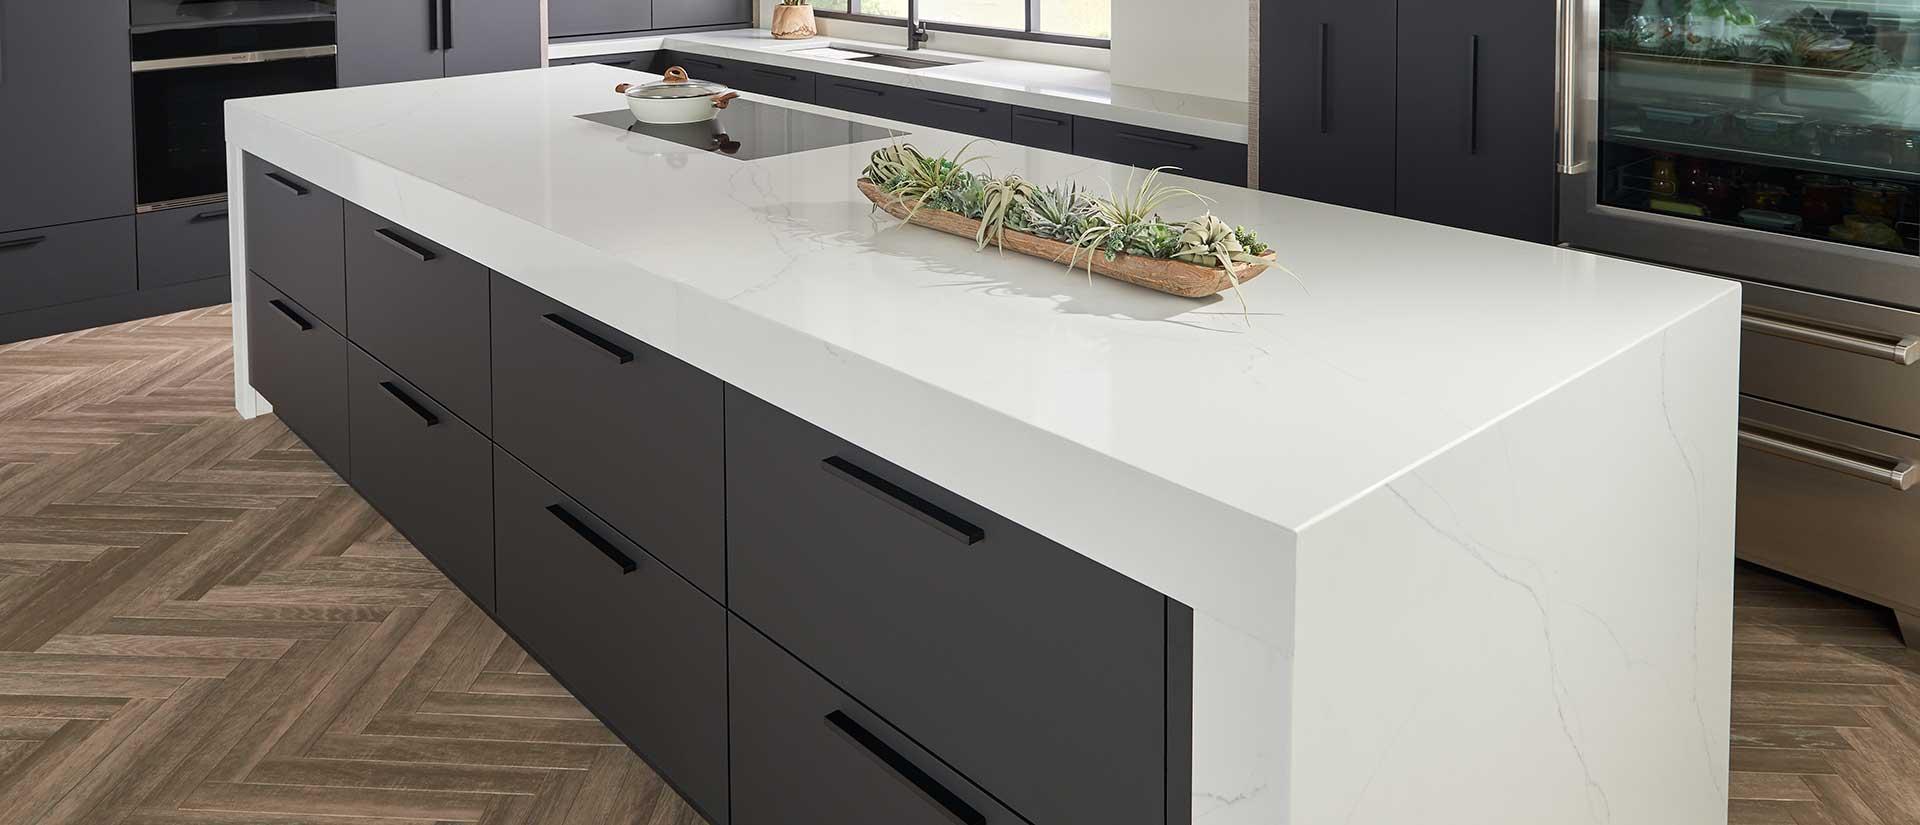 Calacatta trevi Quartz White Marble Looks Room Scene